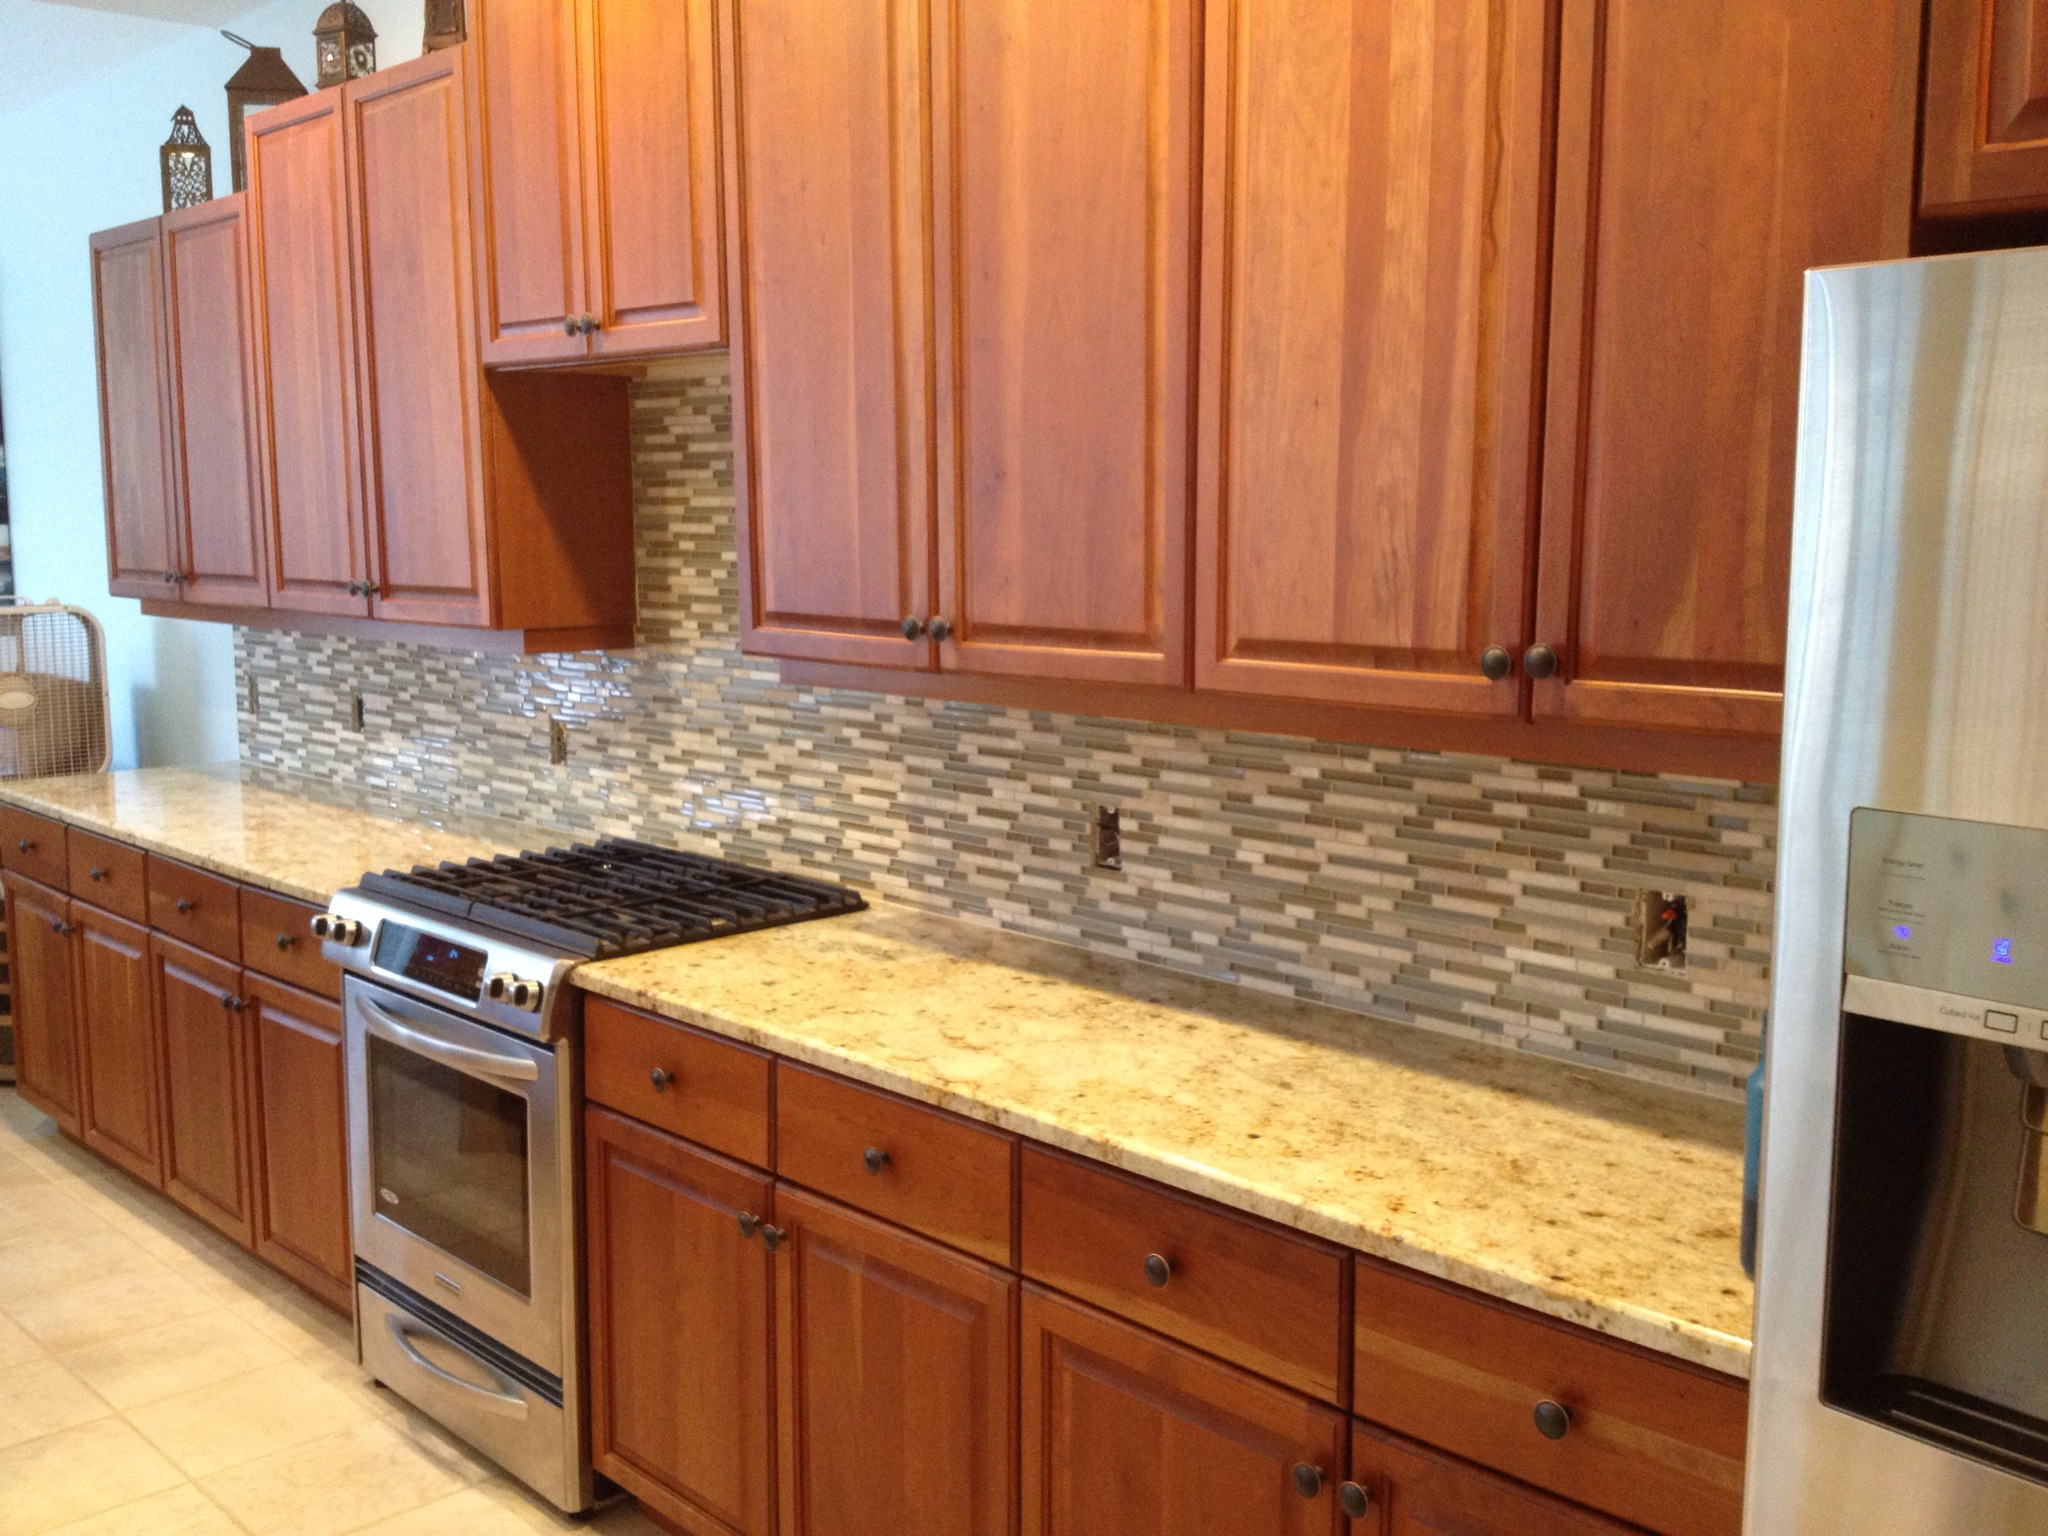 ceramictec updates visit our website www ceramictec com page 14 img 8904 jpg